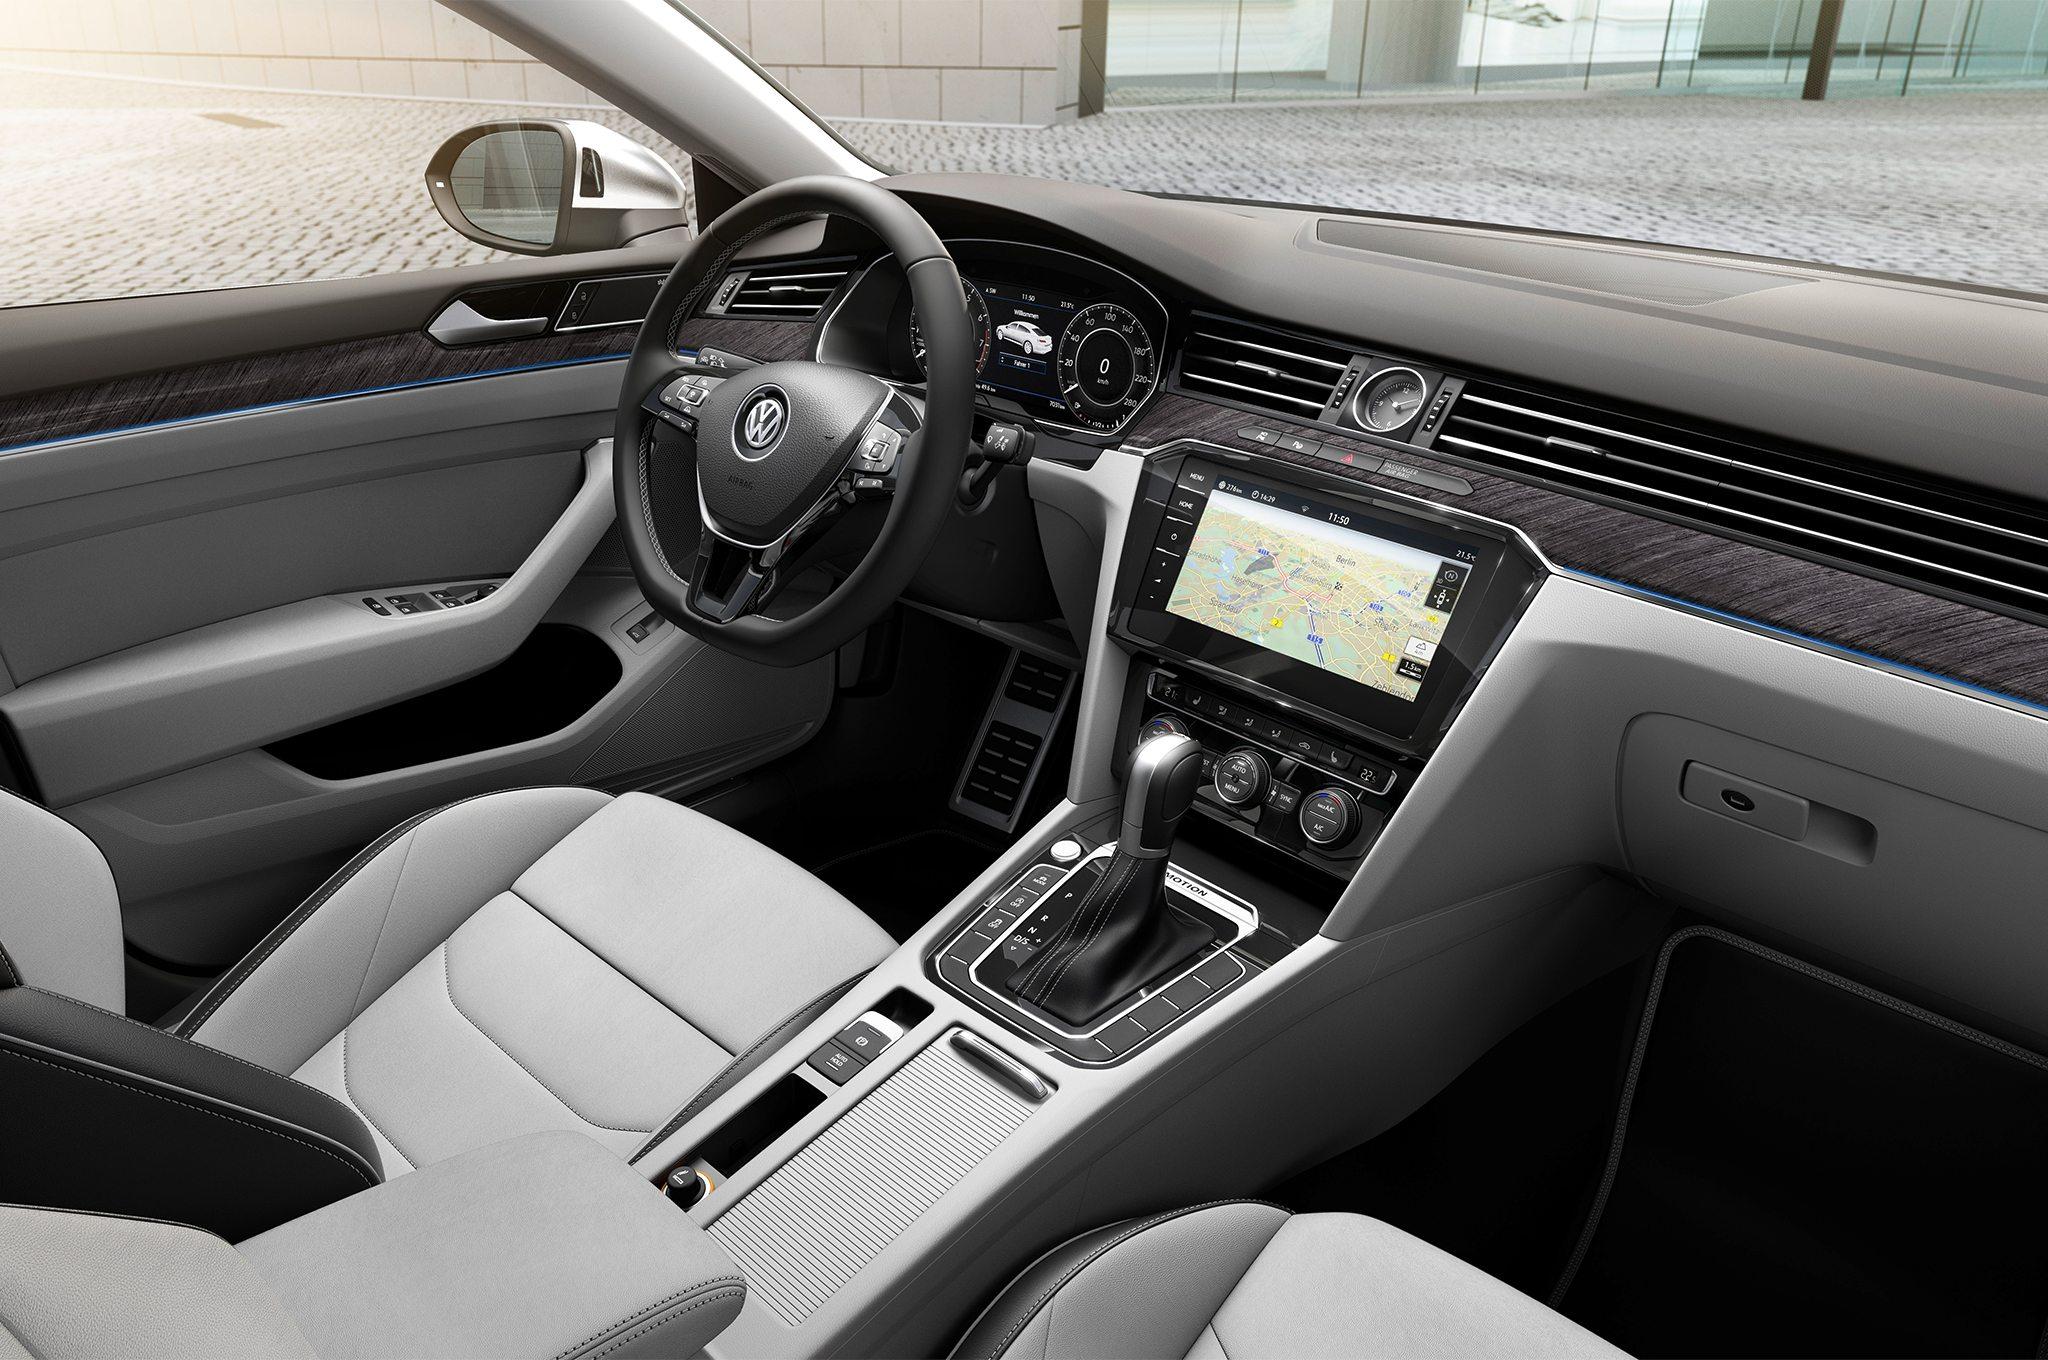 2018-Volkswagen-Arteon-Elegance-cabin-2